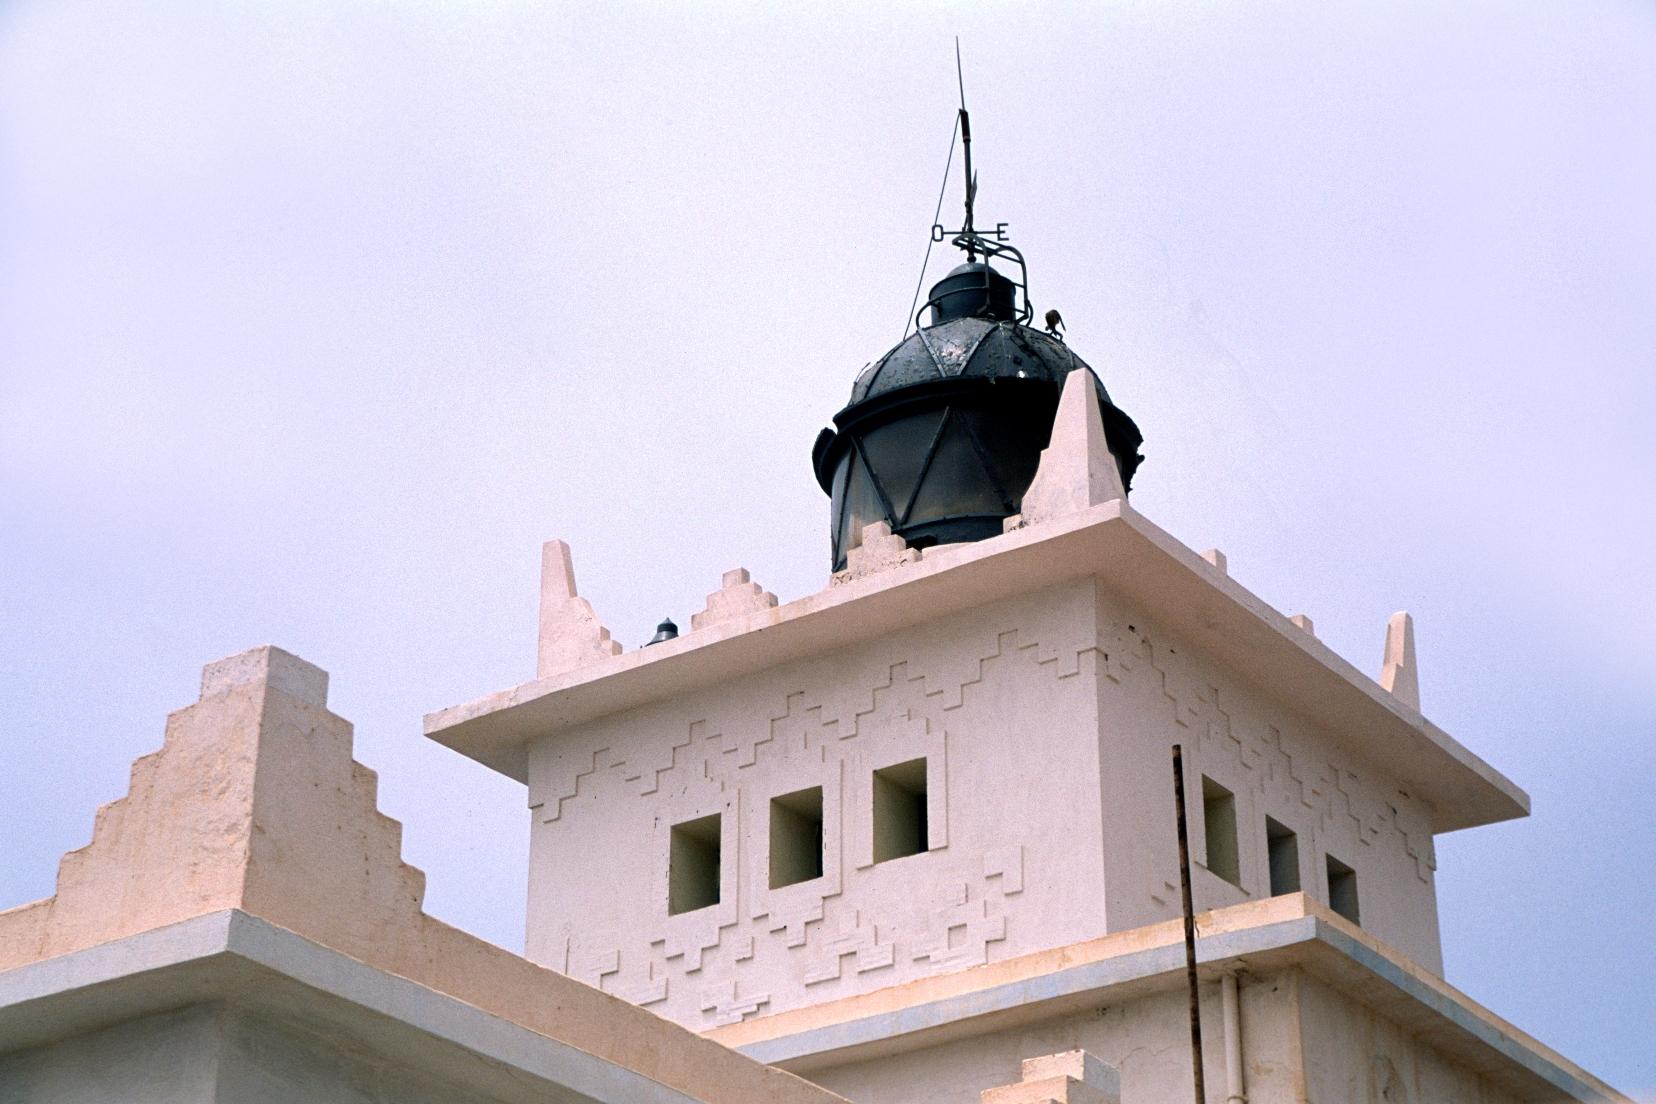 Lilghthouse in Sidi Ifni, Morocco